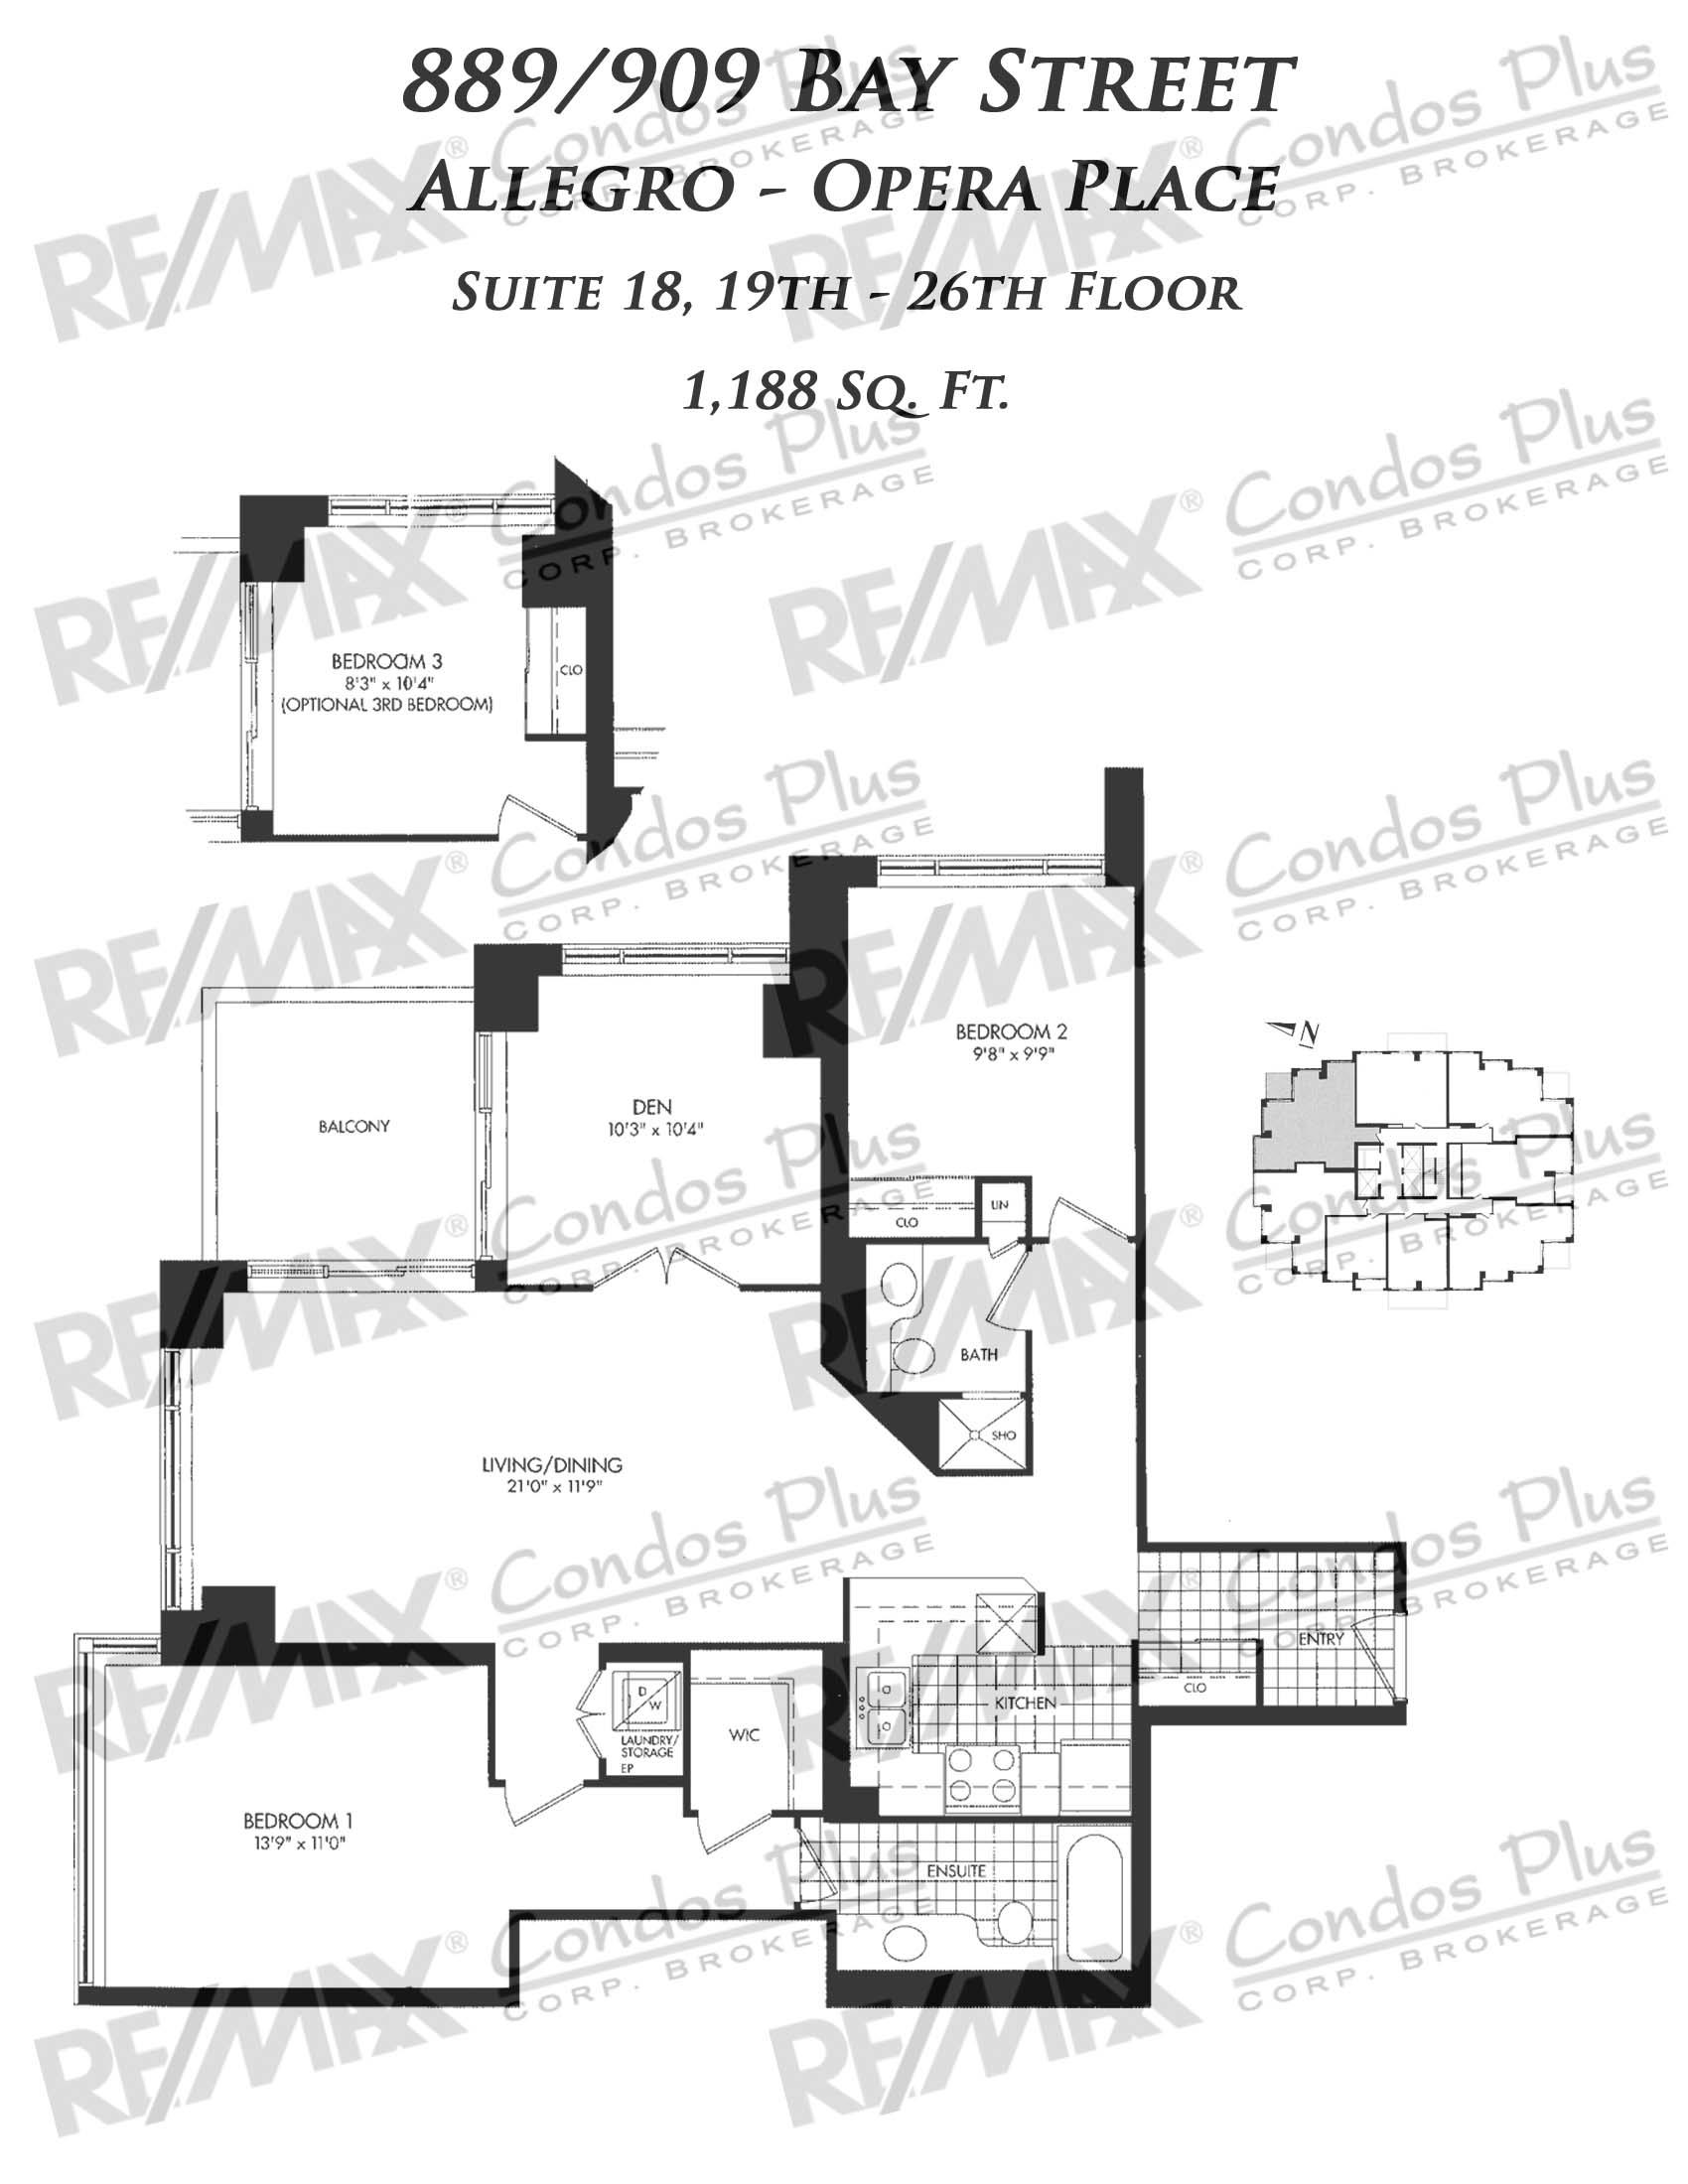 Suite 18